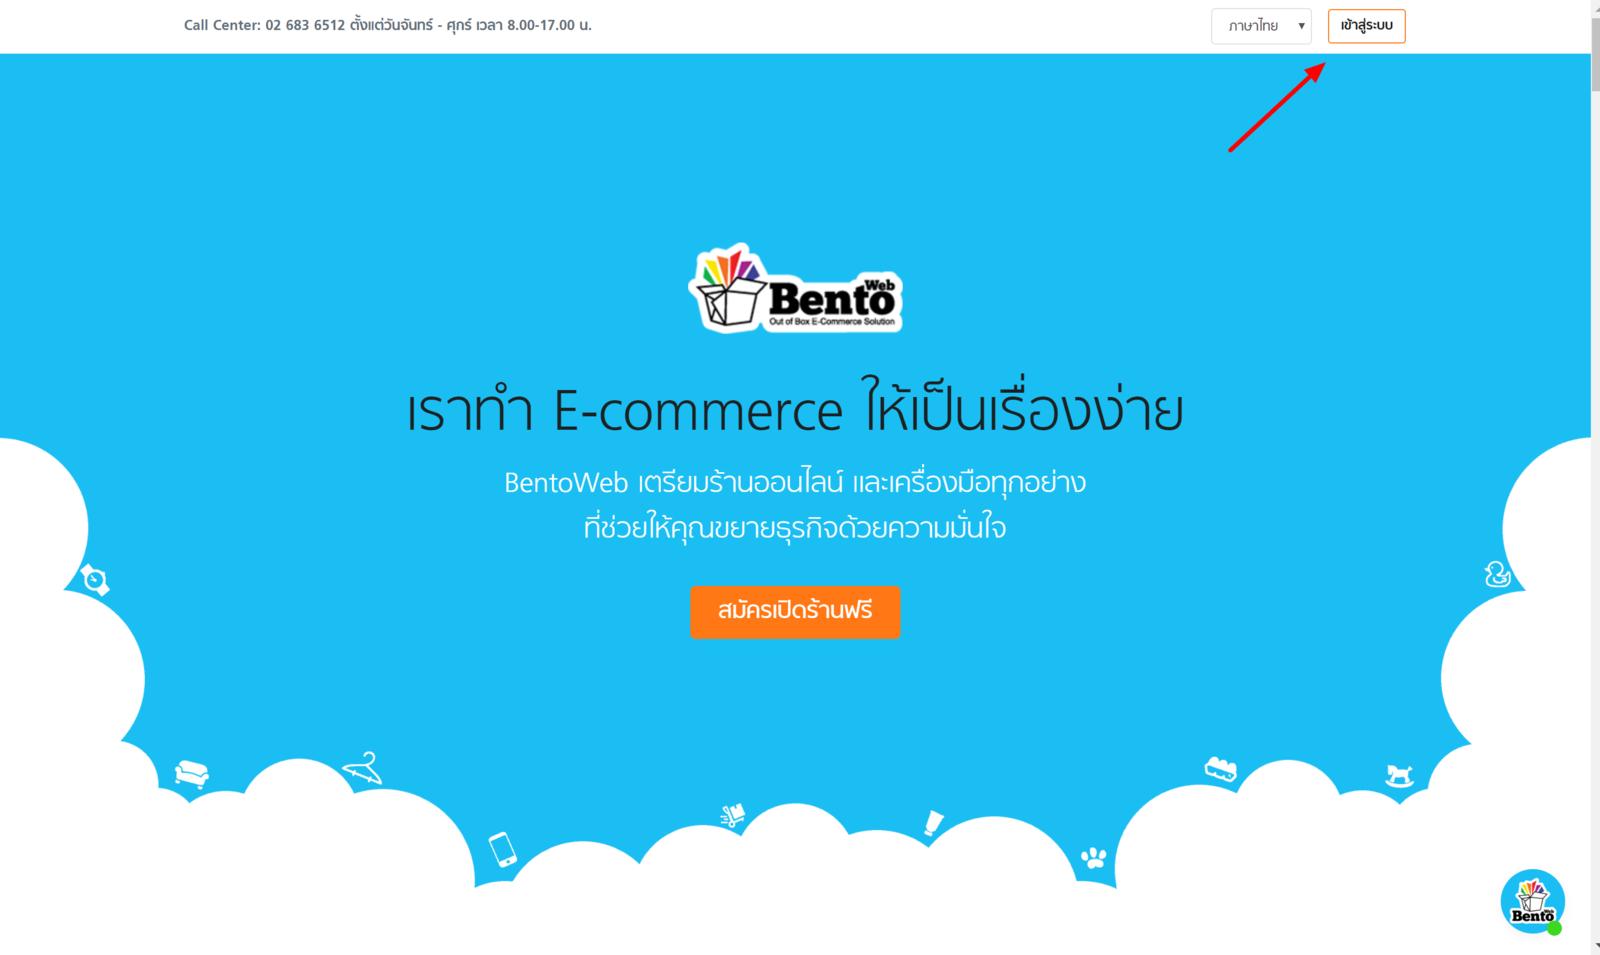 กดปุ่ม เข้าสู่ระบบ จากหน้าเว็บไซต์ของ BentoWeb